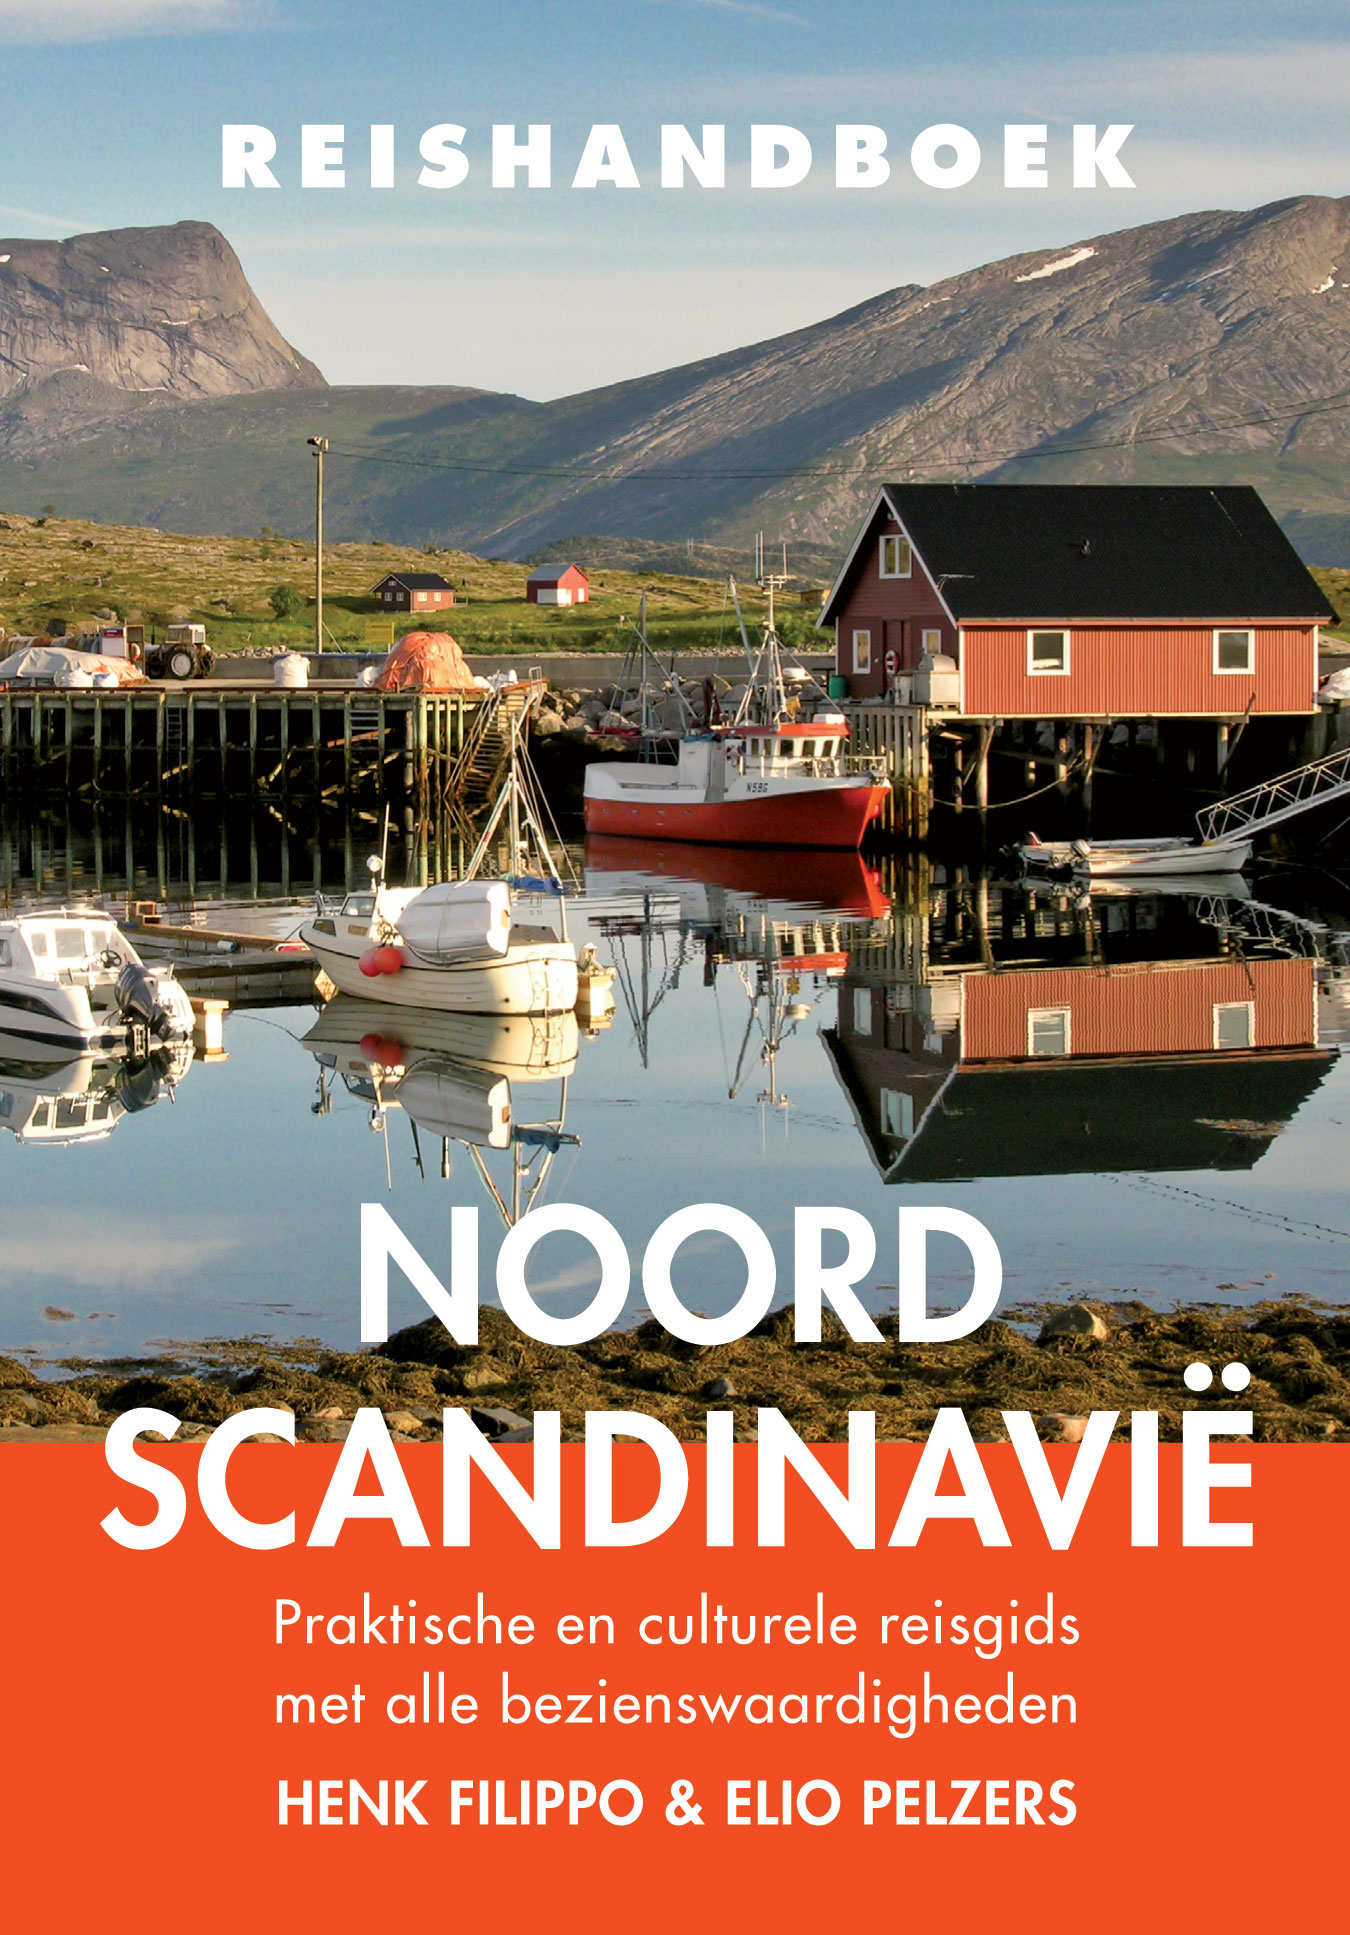 Reisgids reishandboek Noord Scandinavië   Elmar   Henk Filippo , Elio Pelzers